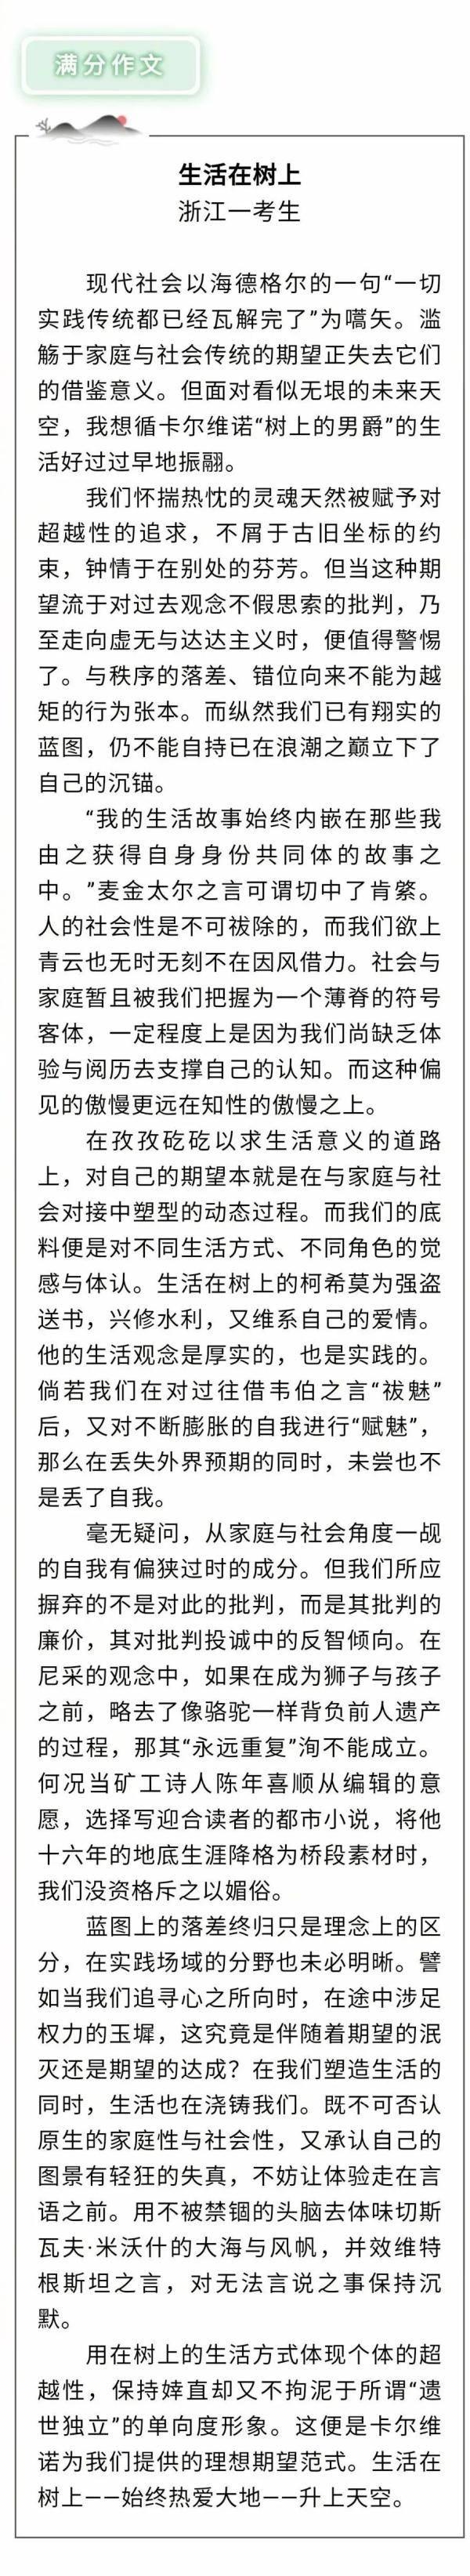 浙江高考满分作文曝光,网友吵翻:我怎么看不懂......